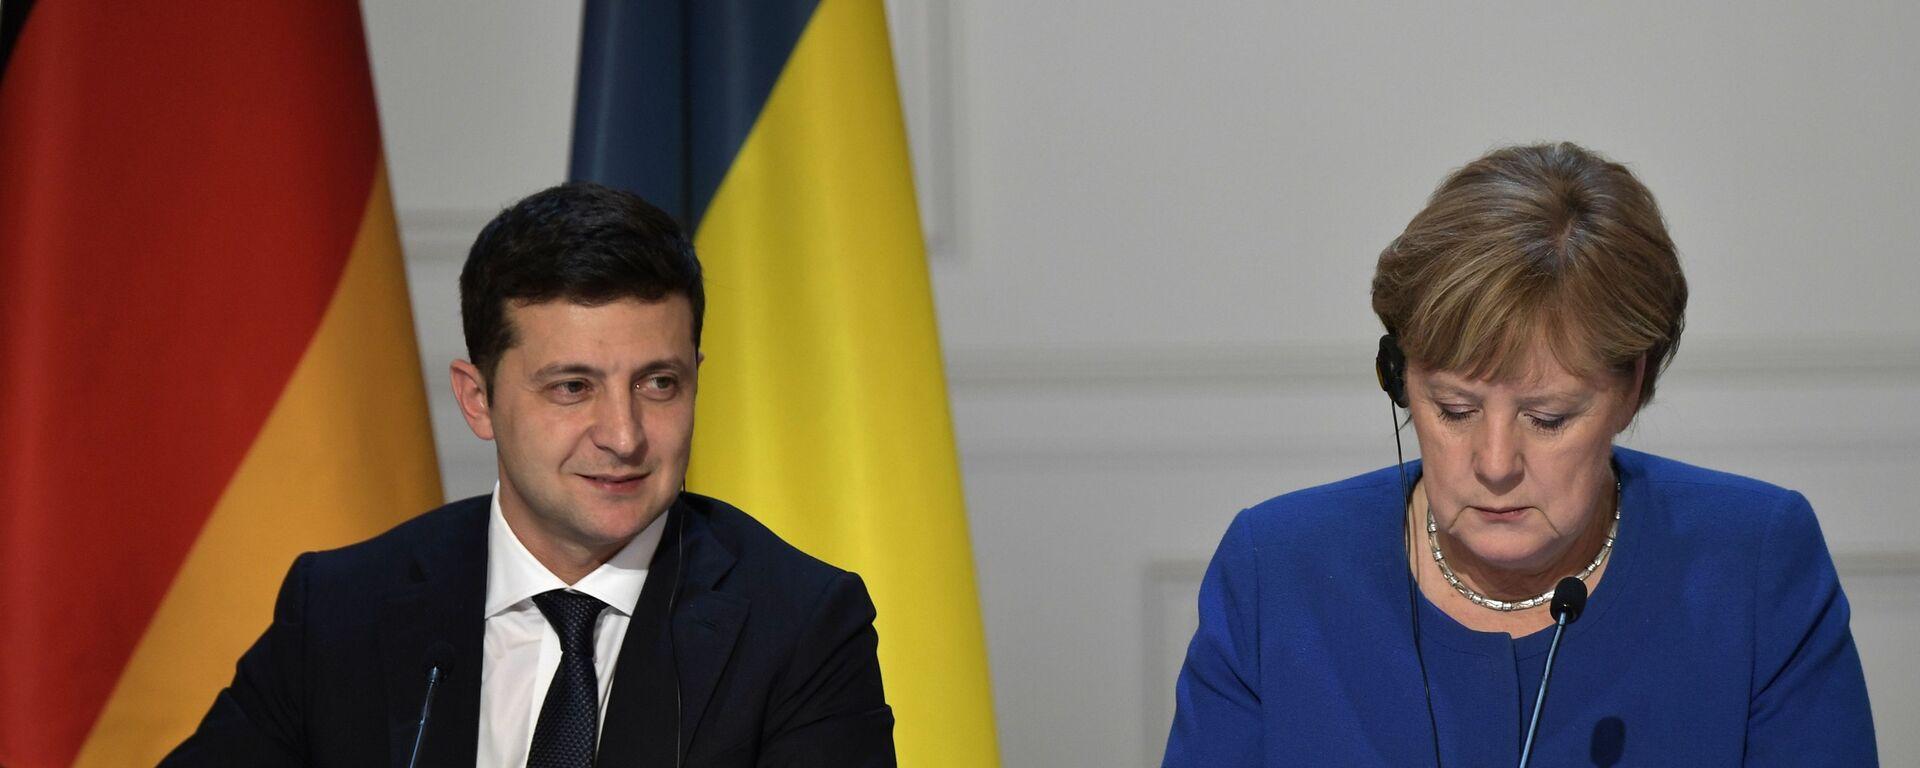 Ukrajinský prezident Volodymyr Zelenskyj a německá kancléřka Angela Merkelová - Sputnik Česká republika, 1920, 22.08.2021